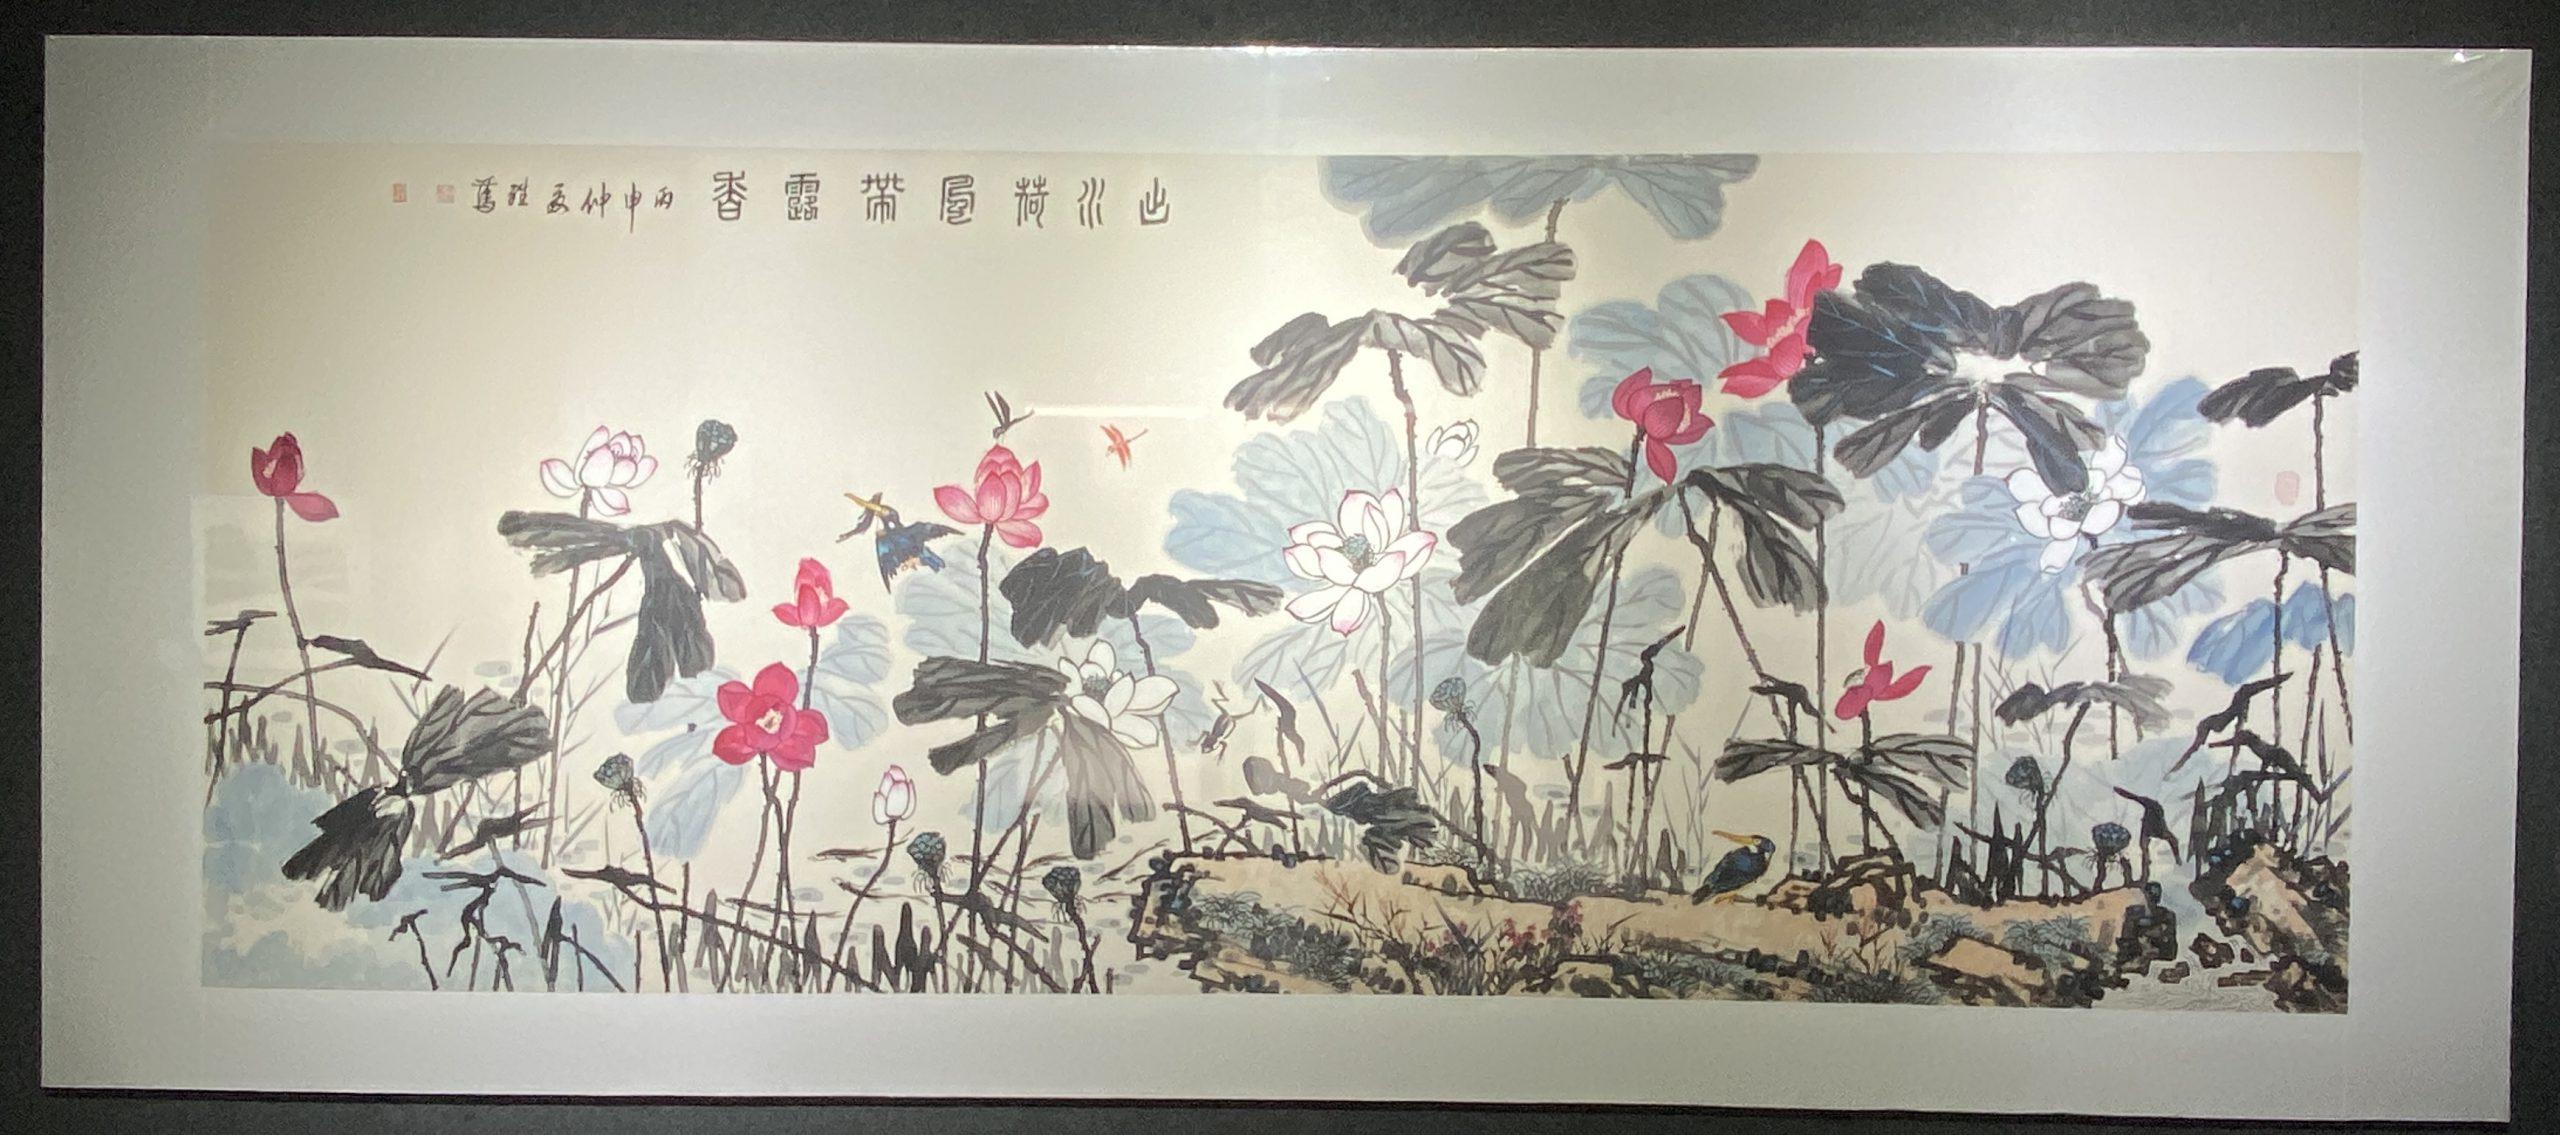 「丹青を振りかけ、詩情を送る-何継篤個人書画展」成都市美術館